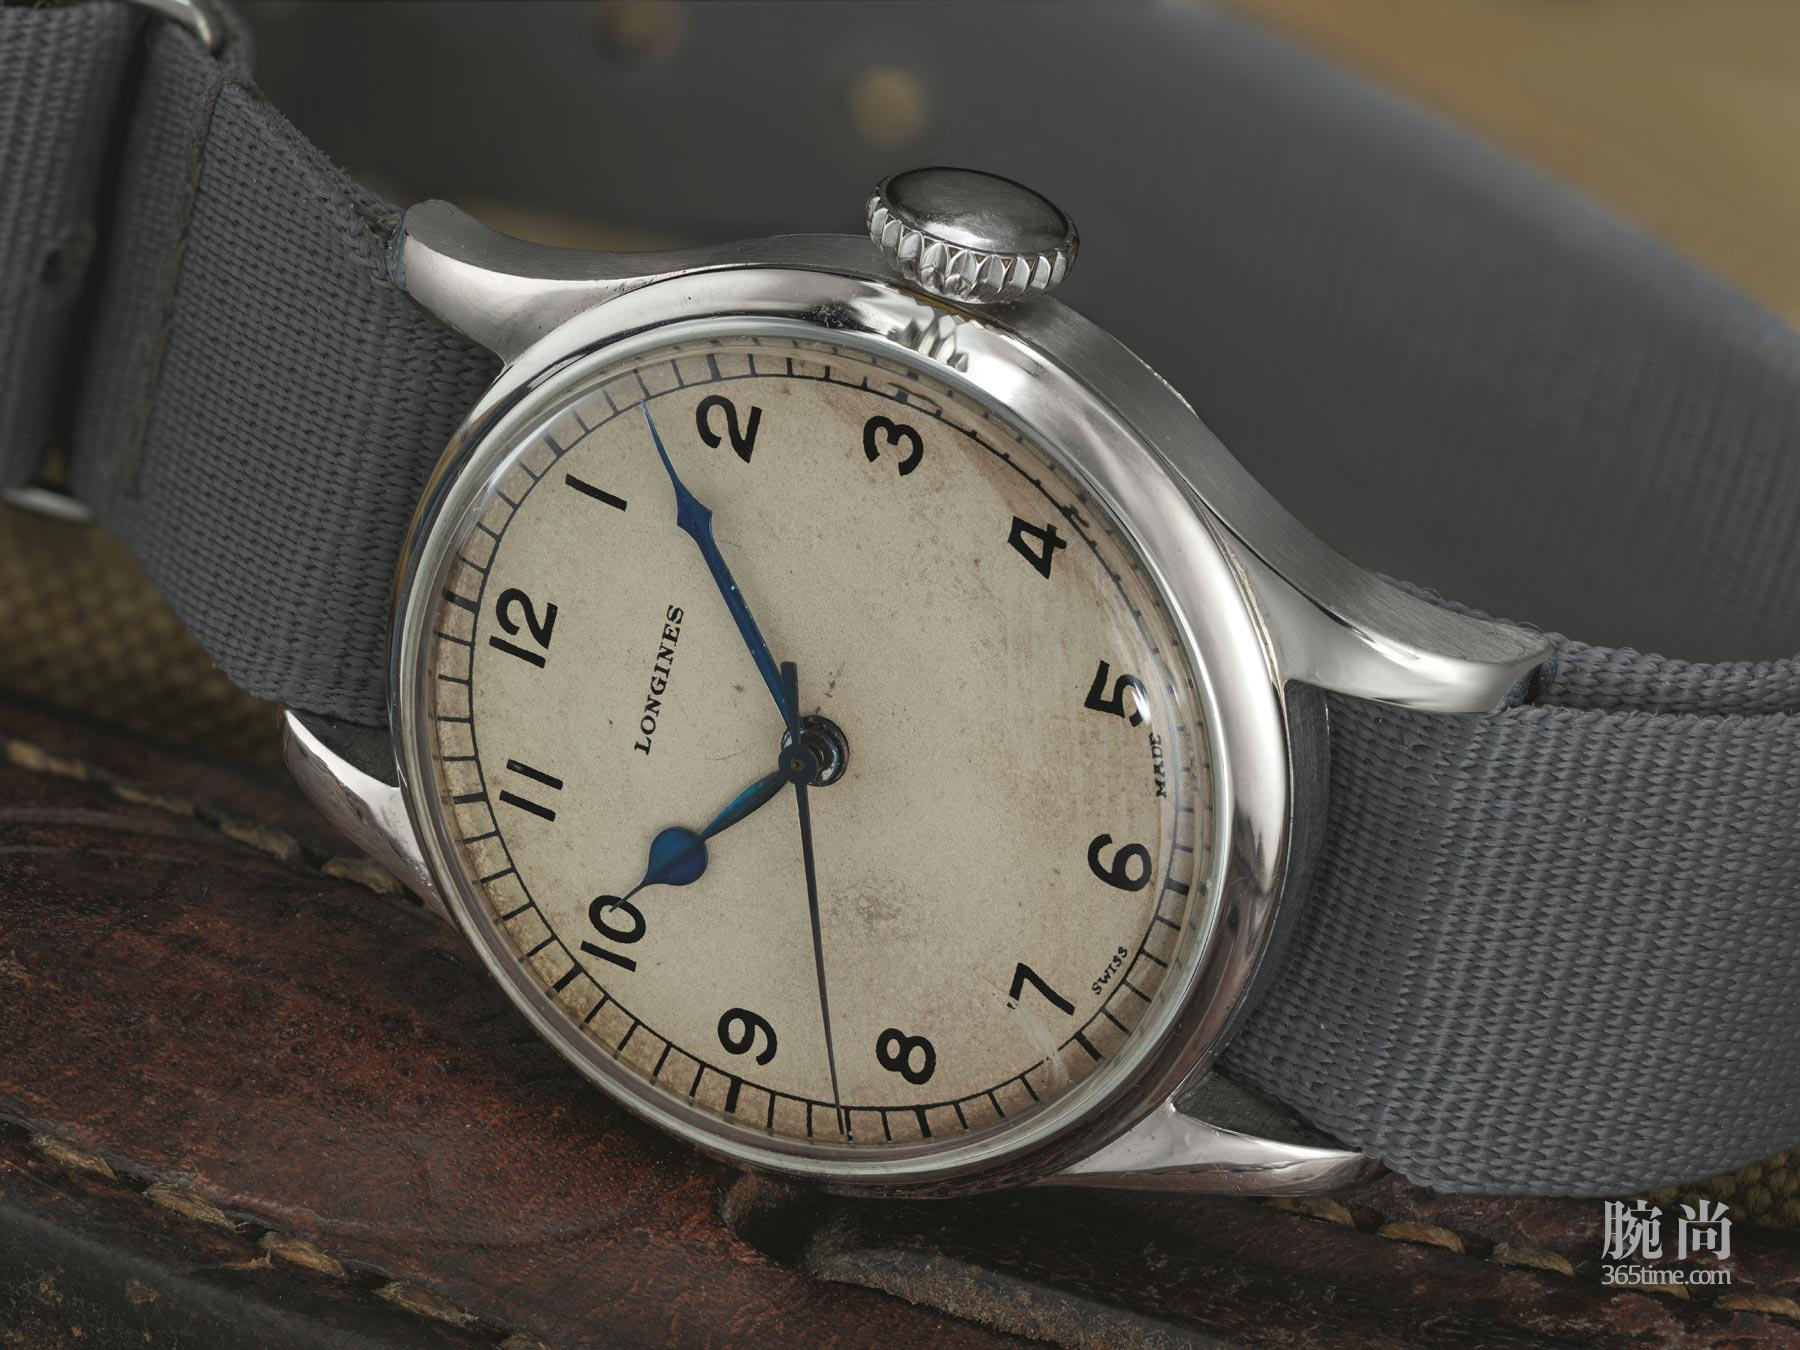 浪琴表经典复刻系列皇家空军腕表-历史原型-1.jpg